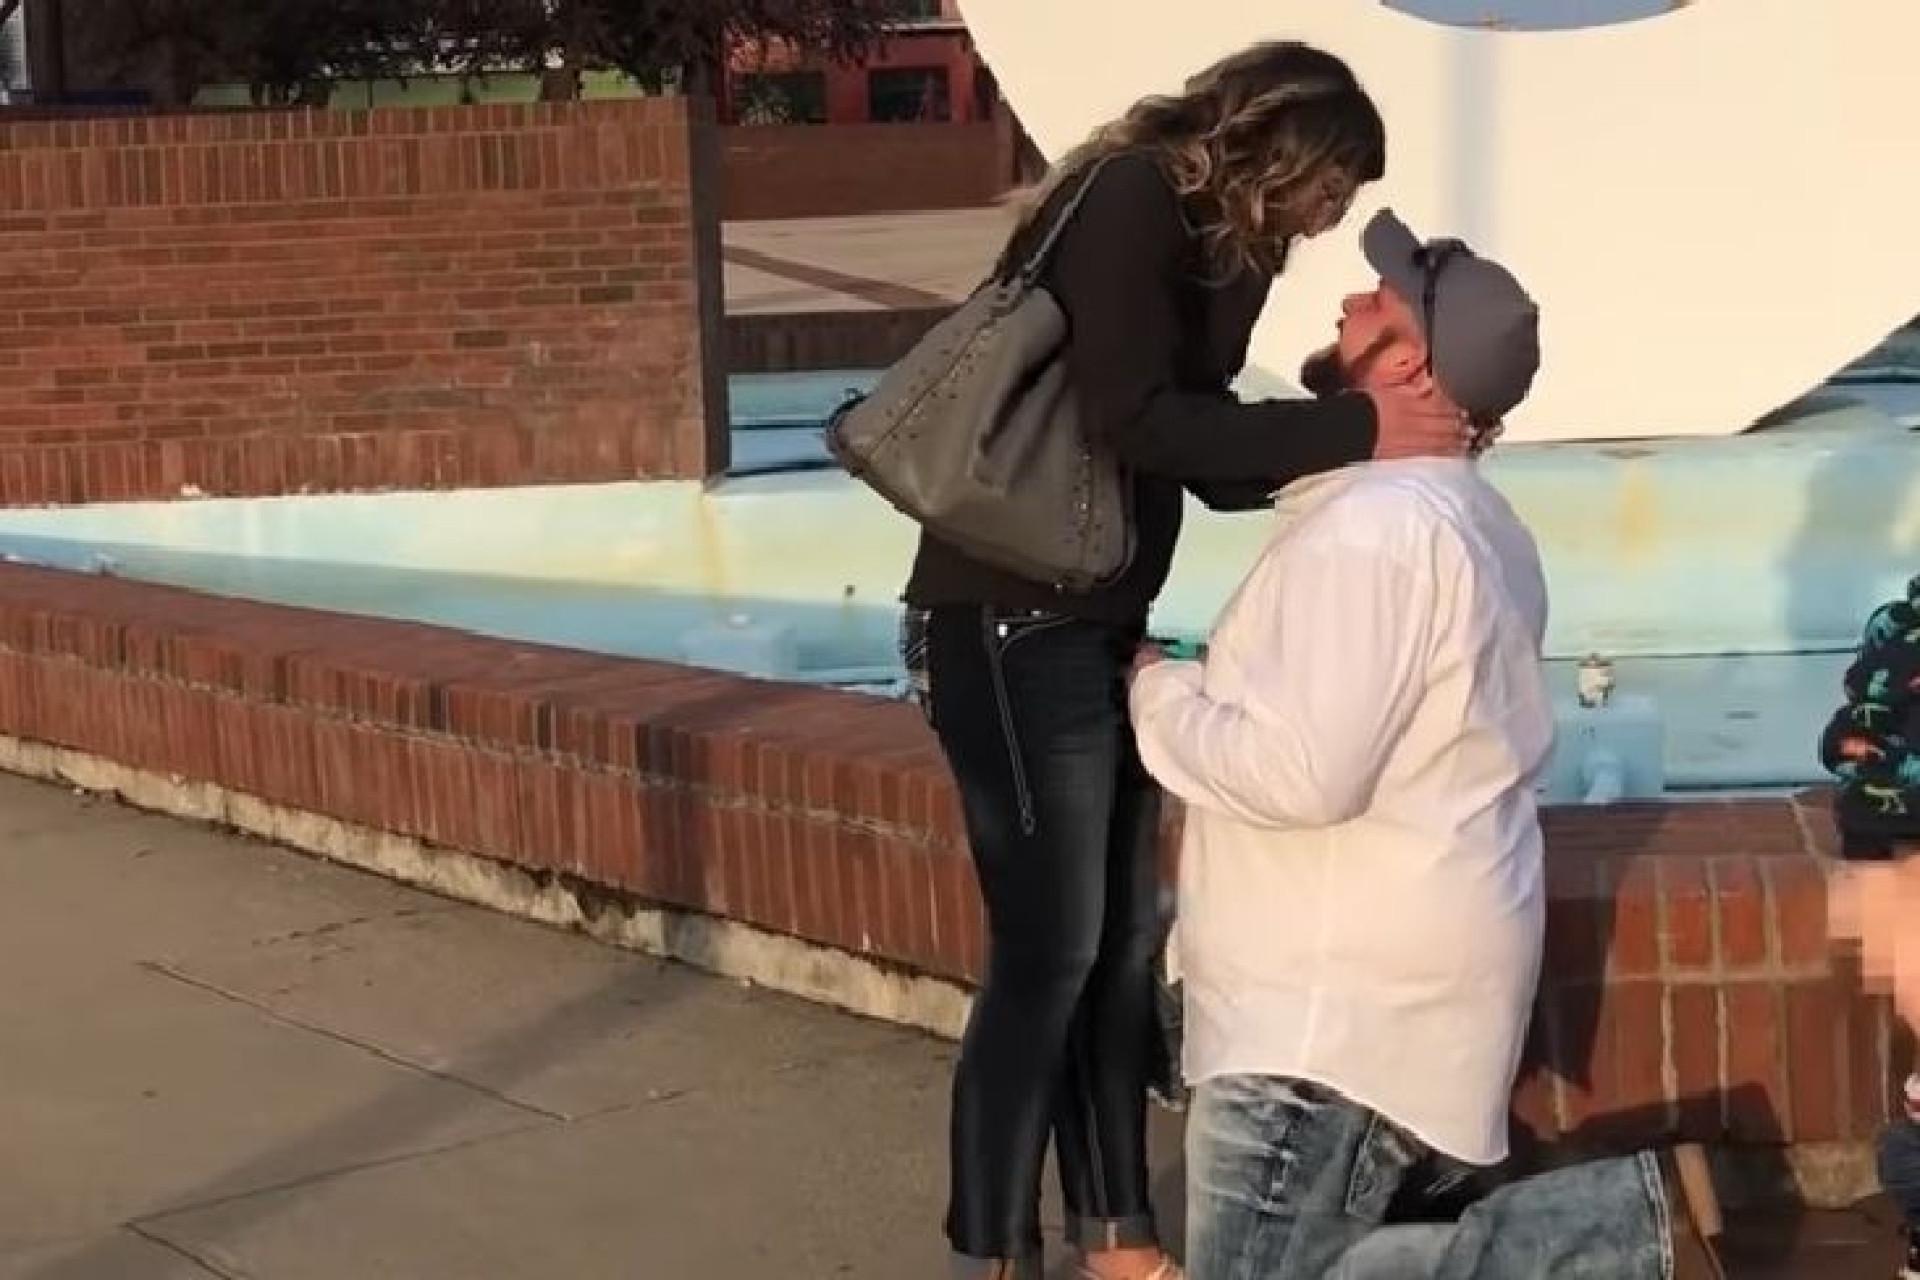 Pedido de casamento interrompido por menino a fazer chichi